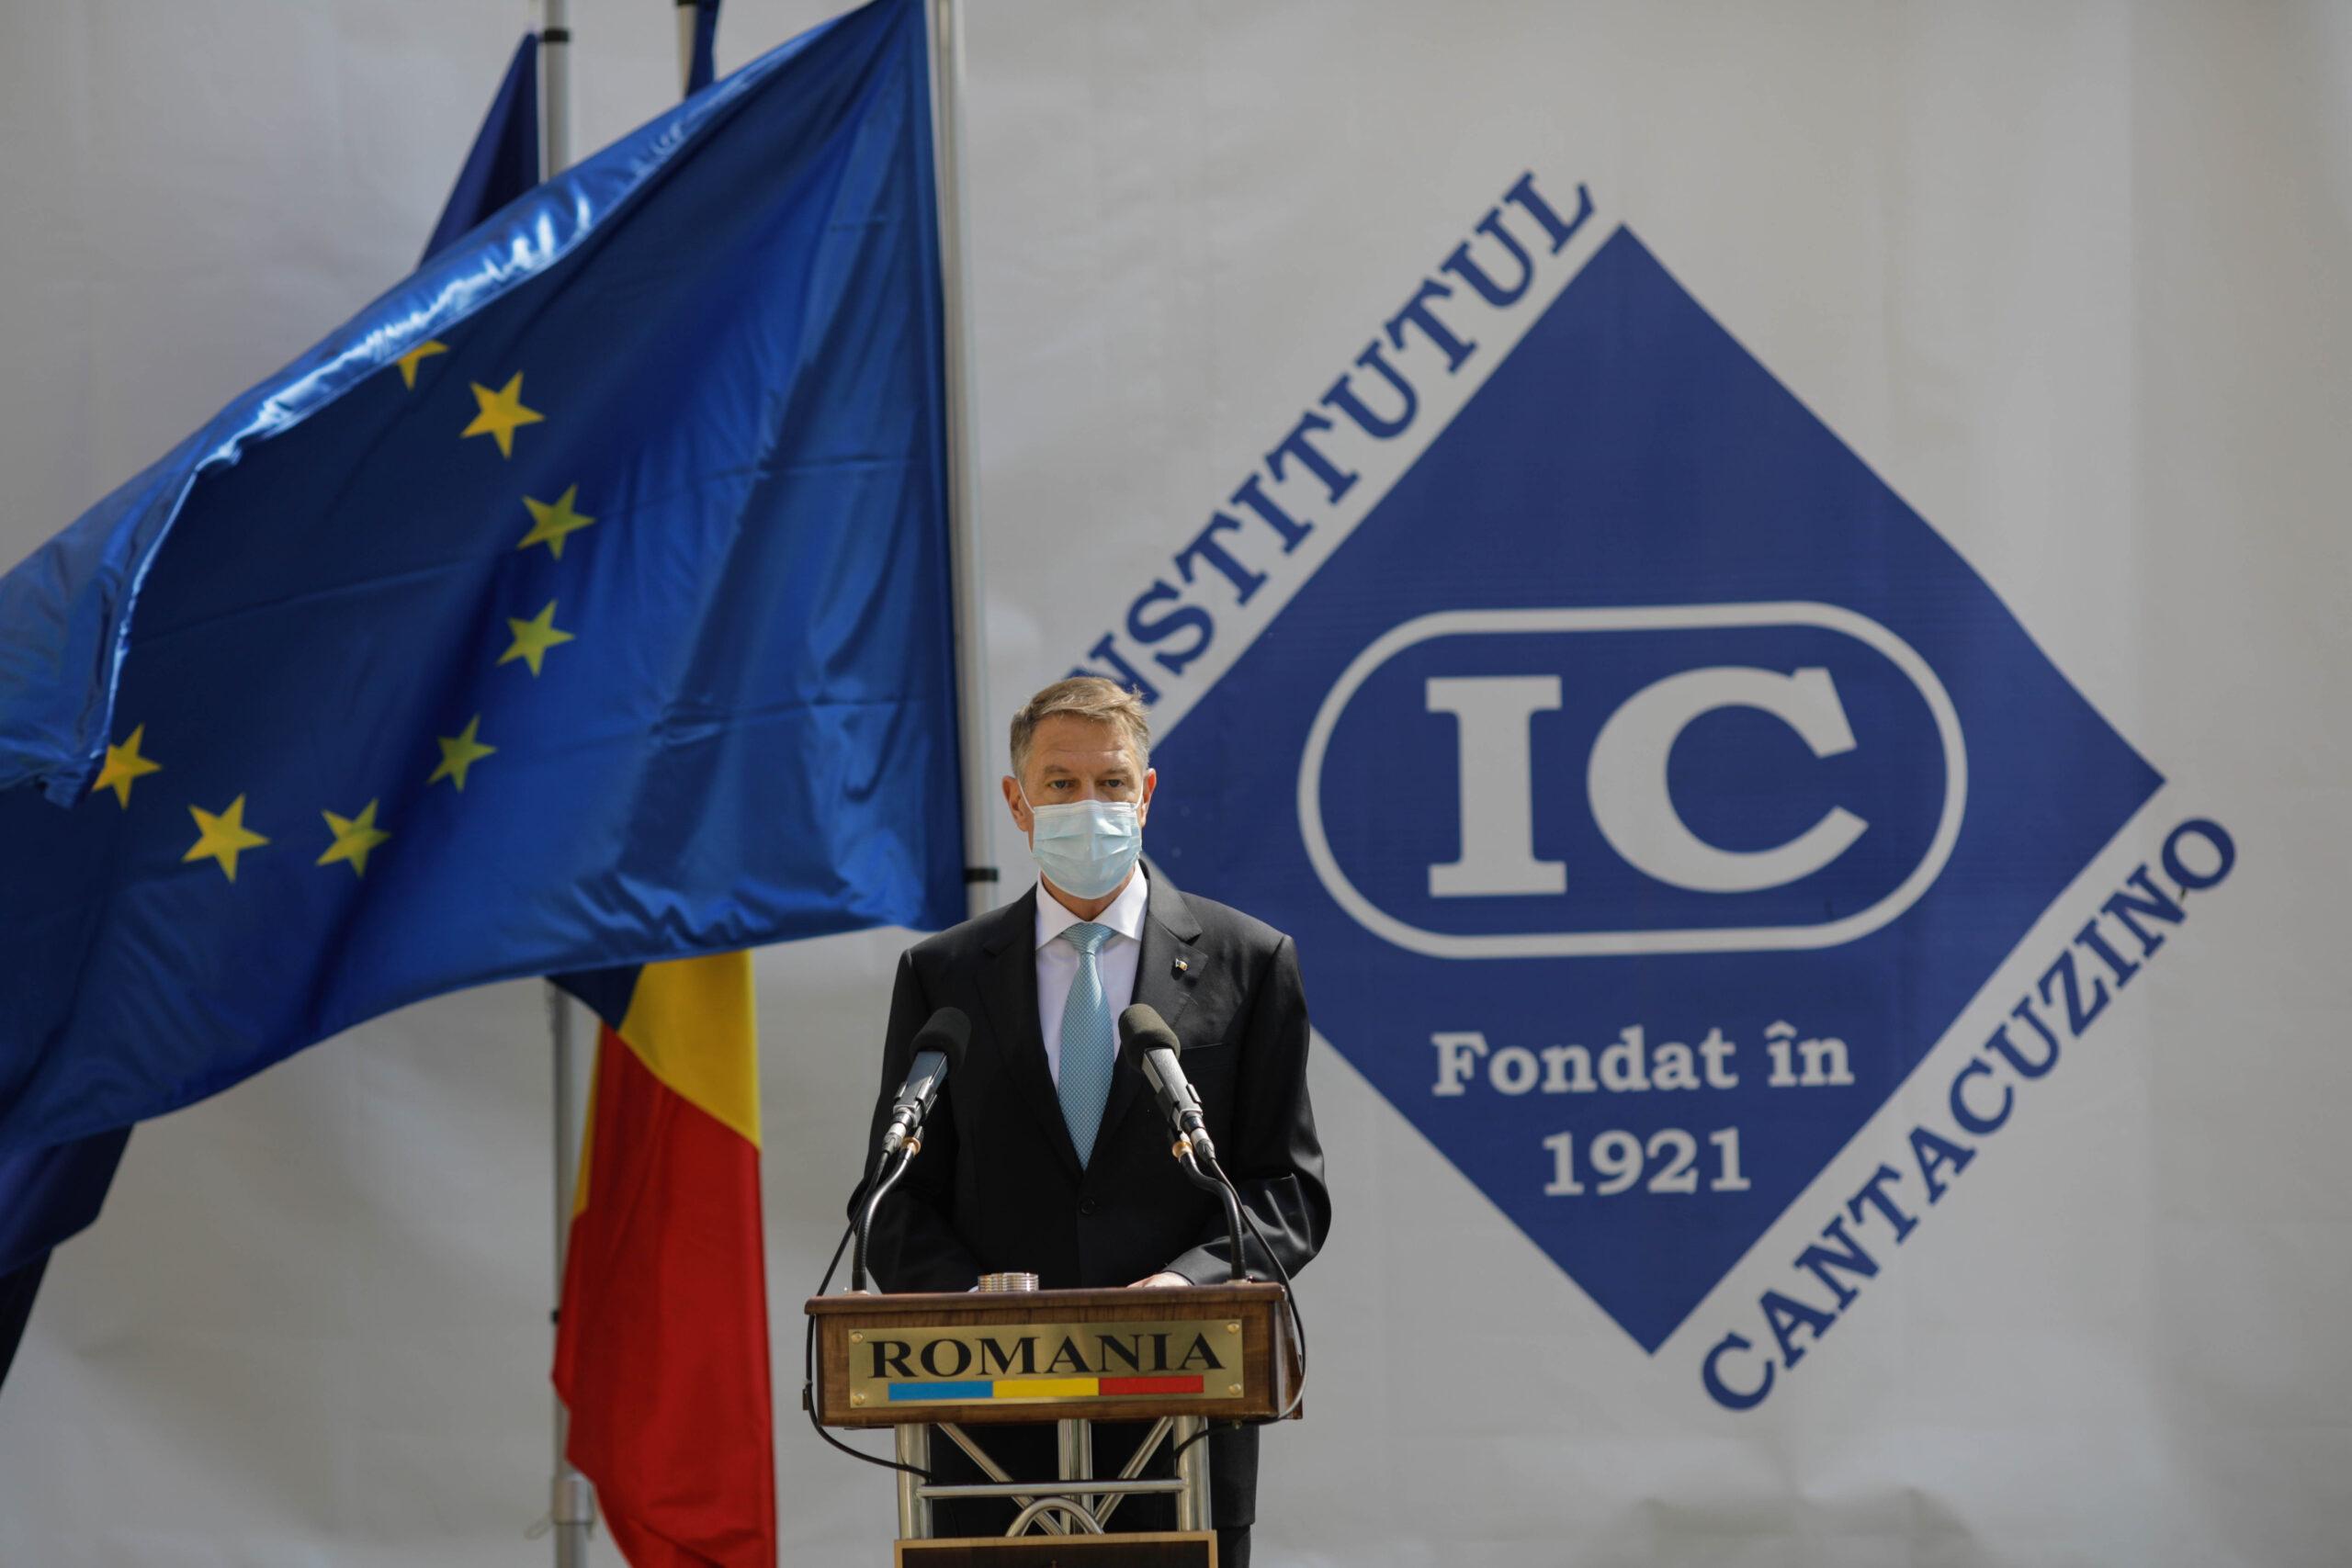 Iohannis: Virusul nu dispare prin violență și manifestări extremiste, ci prin imunziarea cât mai multor oameni. Îi îndemn pe români să meargă în număr cât mai mare la vaccinare